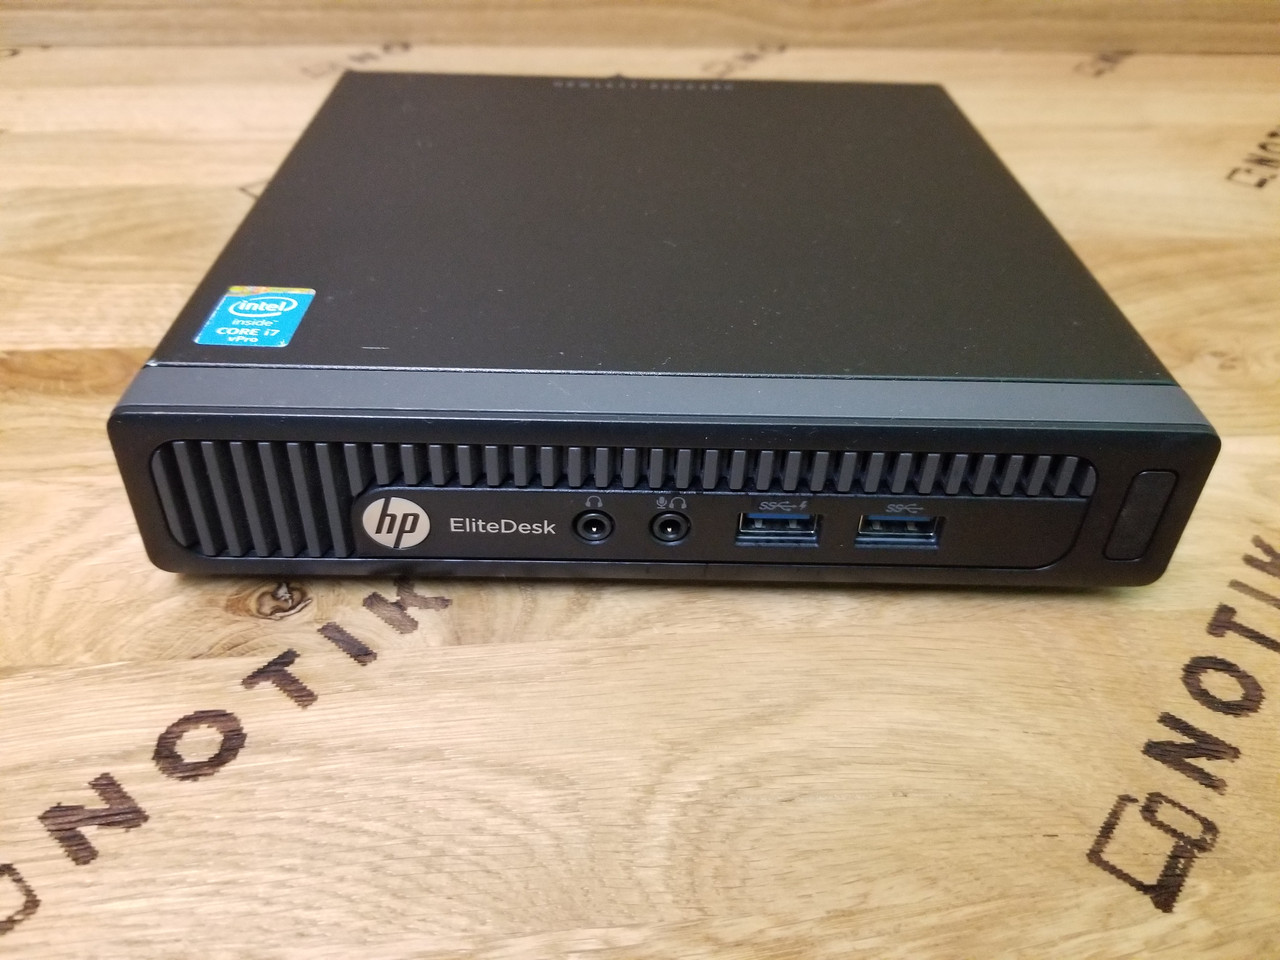 ПК Копьютер HP EliteDesk 800 G1 i7-4785T/8Gb/128SSD